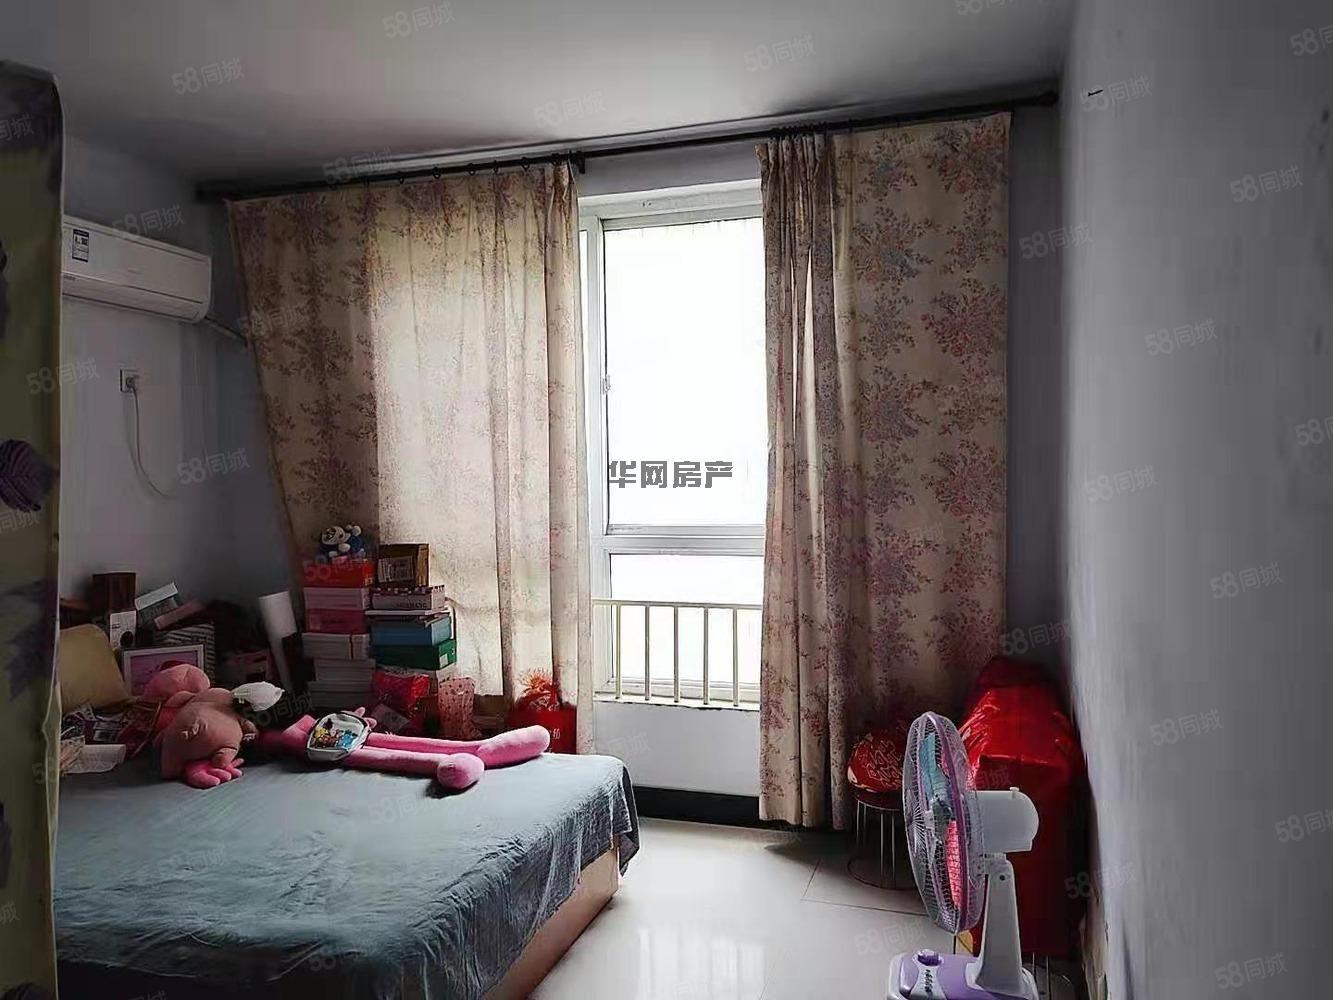 华清文苑1楼,1楼,房子干净整洁,好房子不等人